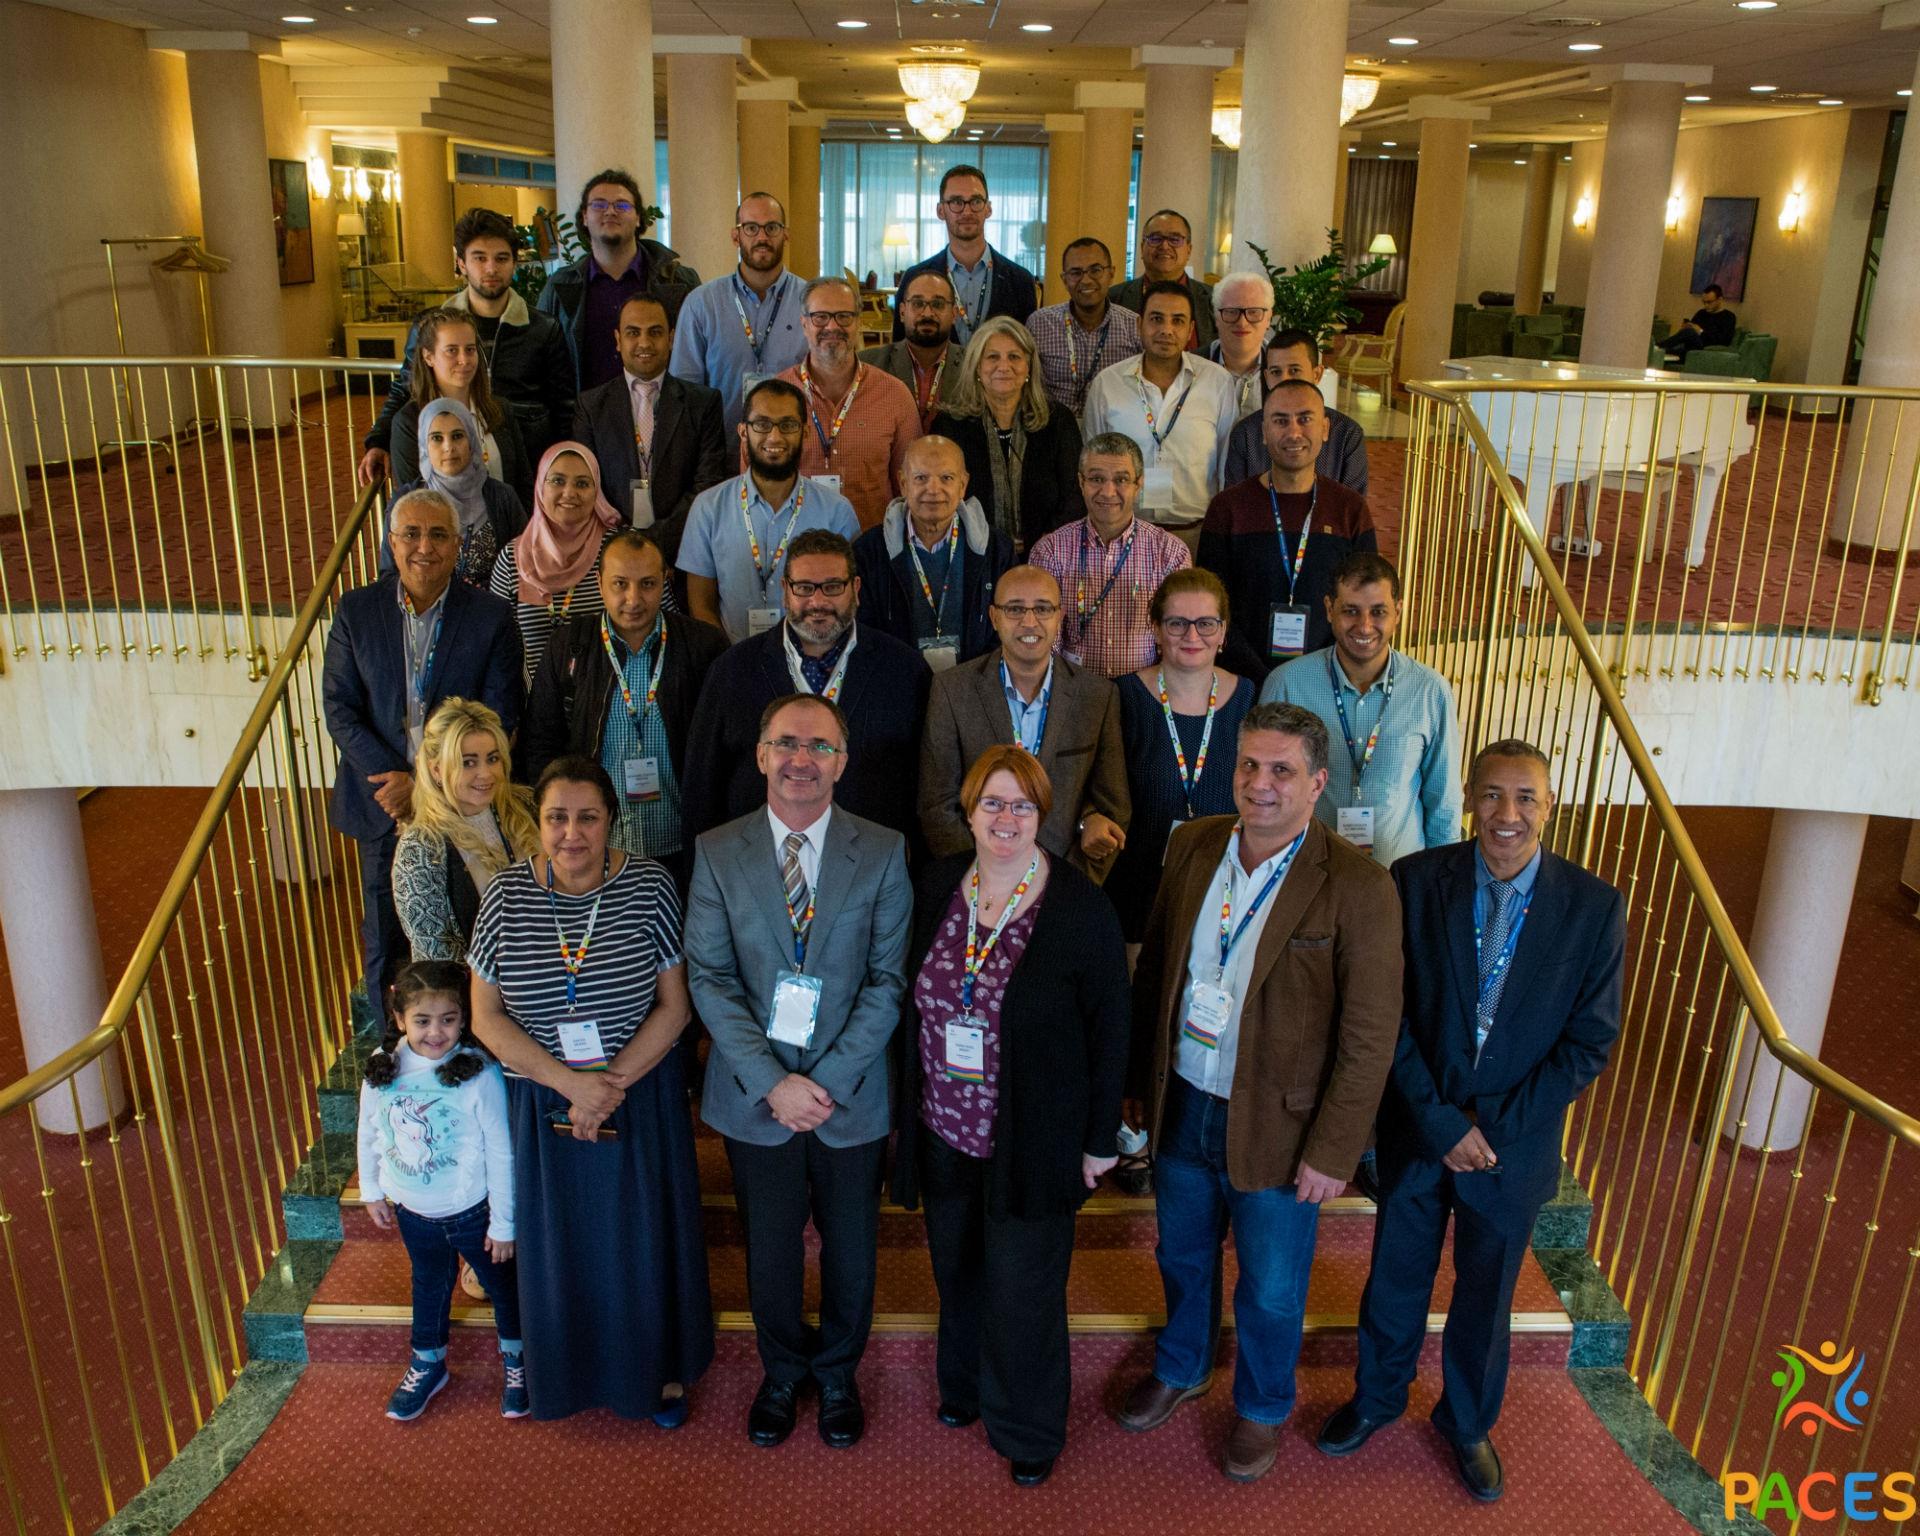 الاجتماع الثالث للمشروع وتدريب المدربين ، جامعة ماريبور ، سلوفينيا